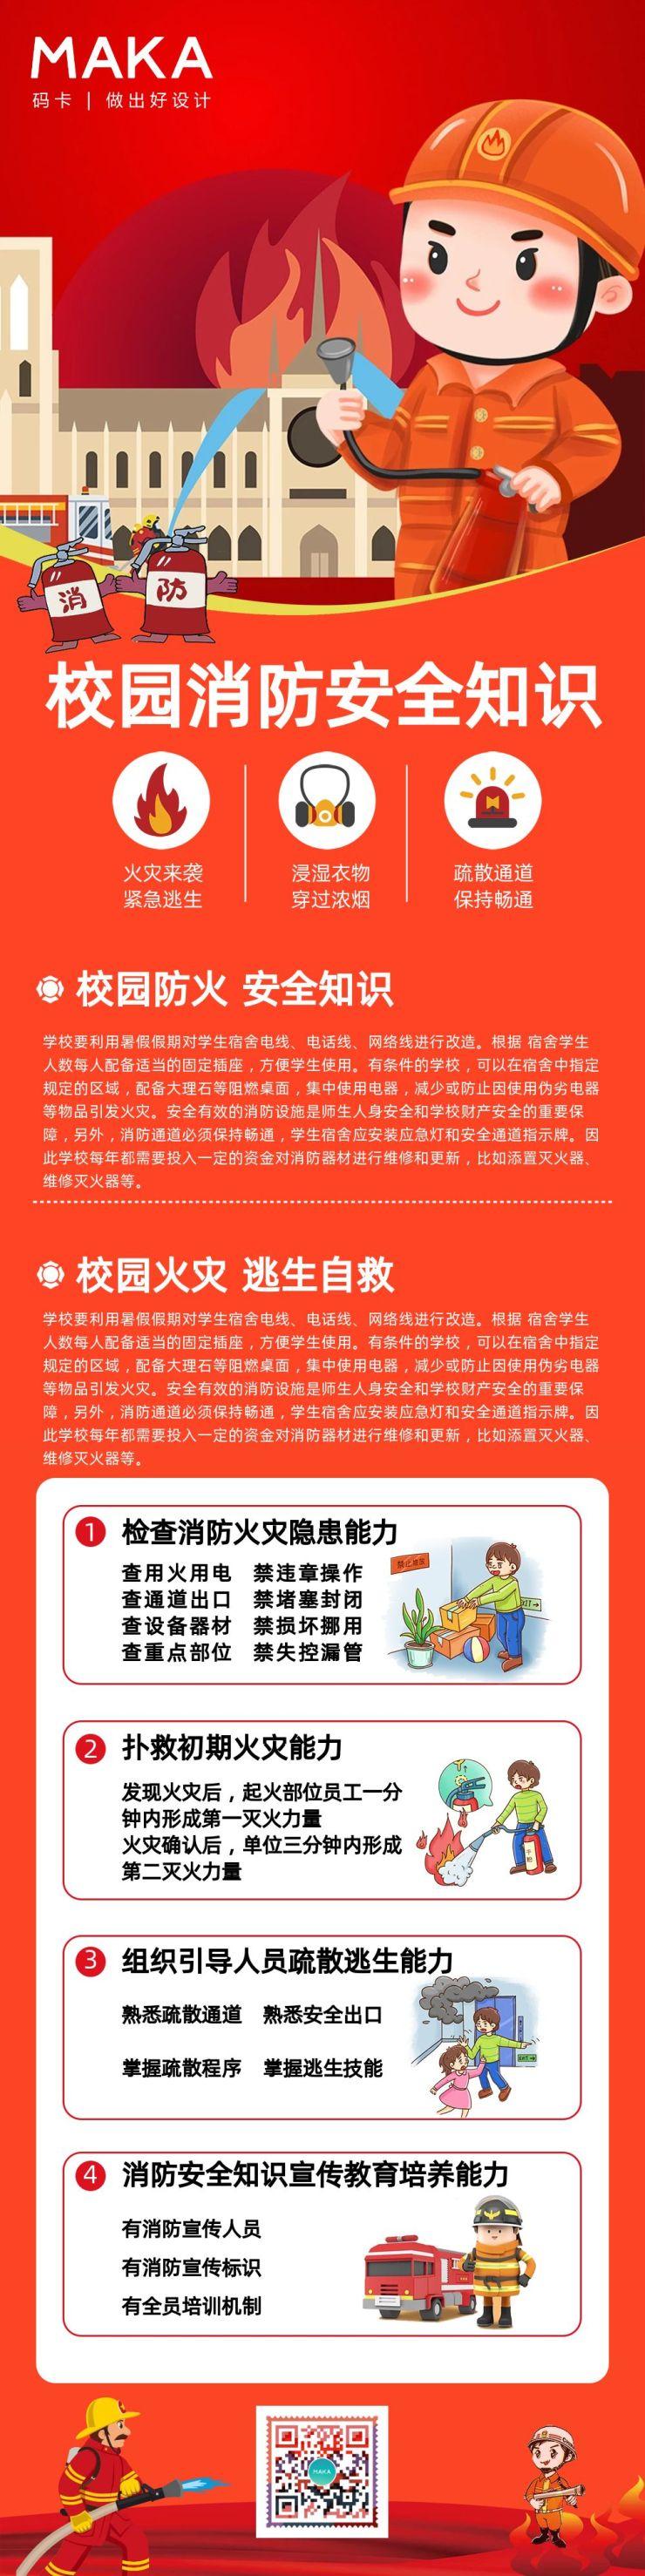 红橙色校园消防教育宣传长图